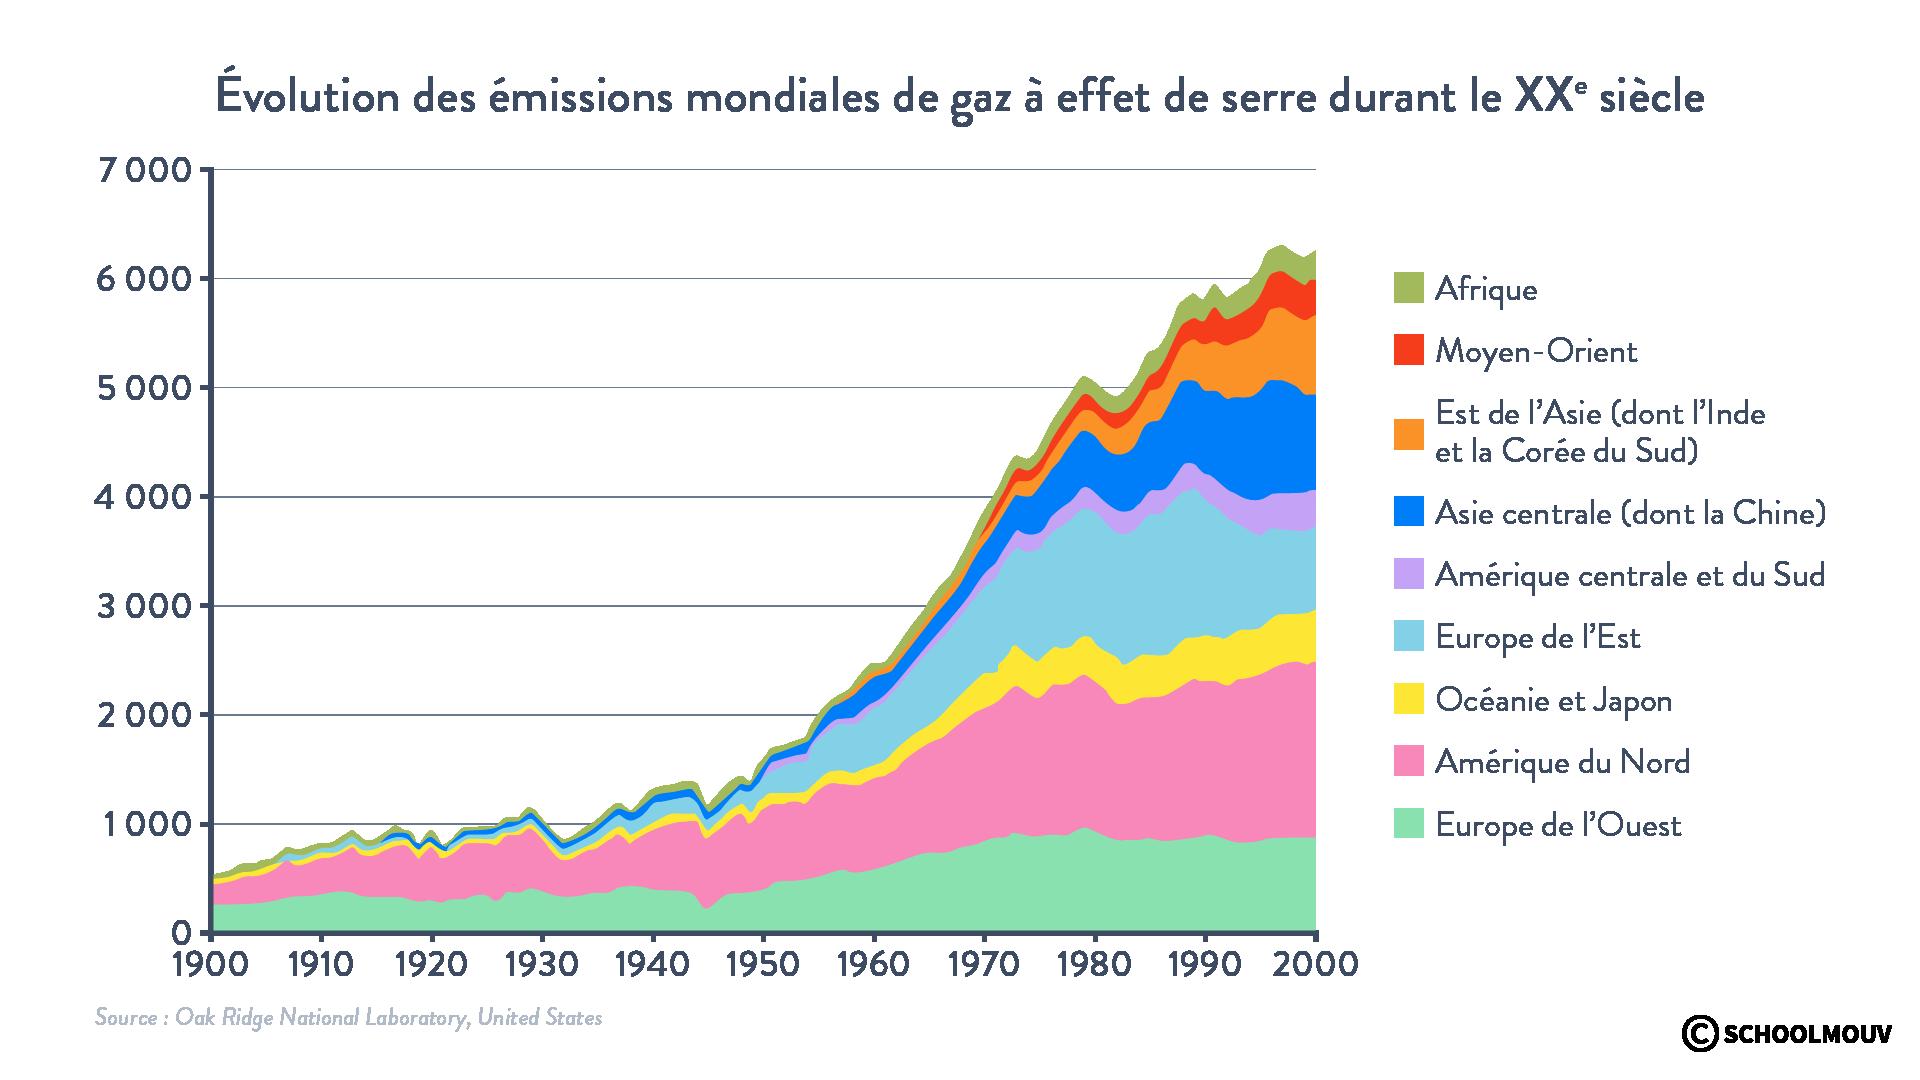 évolution émissions mondiales gaz à effet de serre XXe siècle